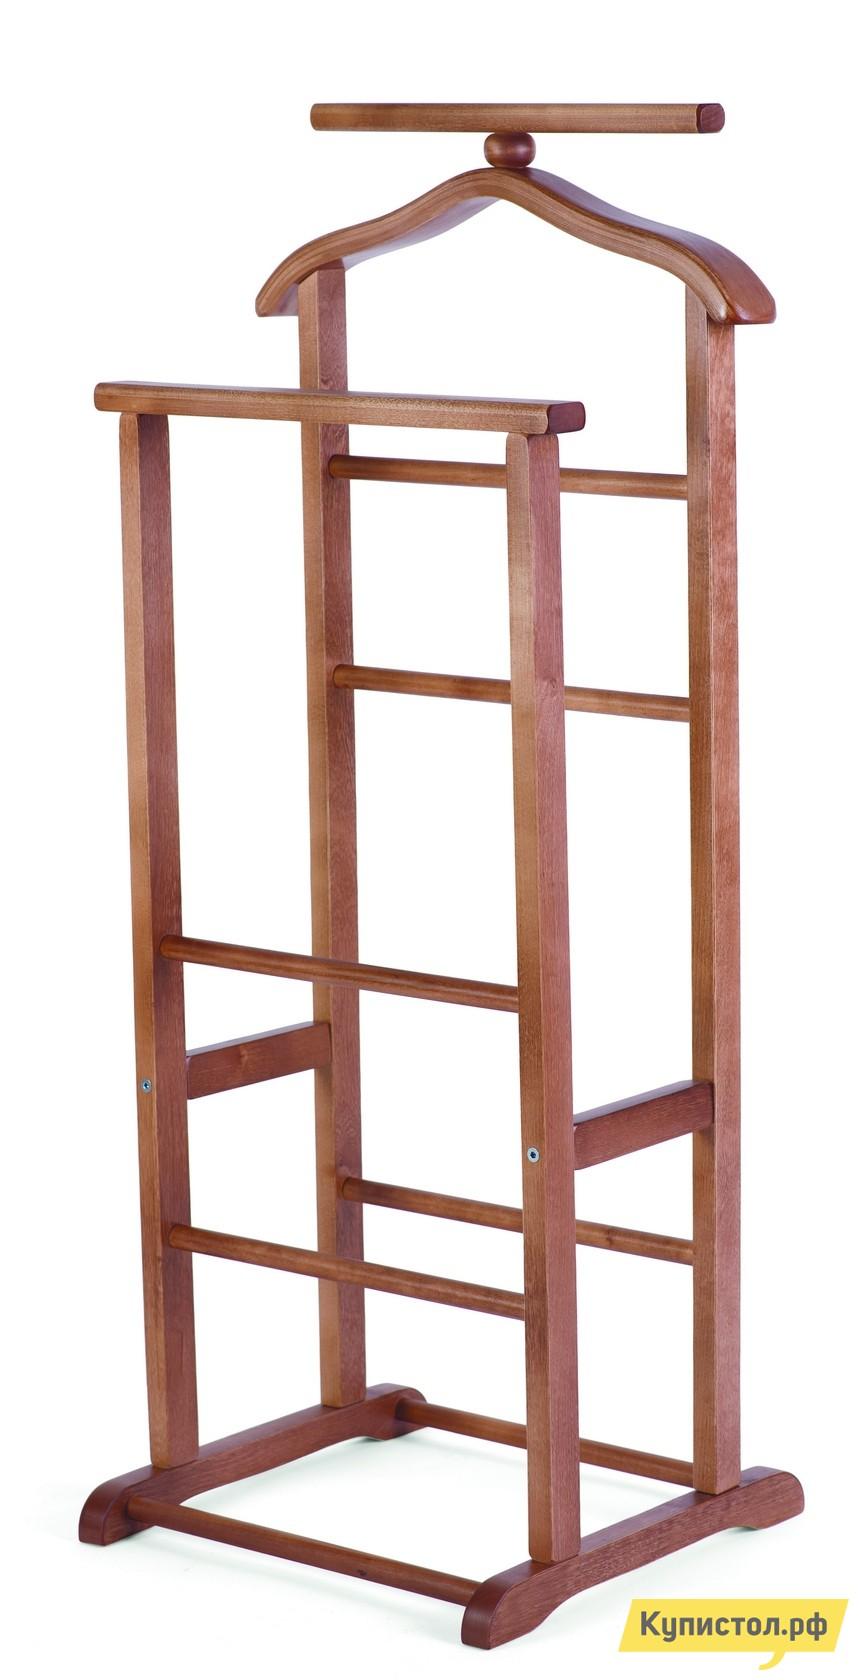 Костюмная вешалка Мебелик В-9Н (костюмная) Средне-коричневый